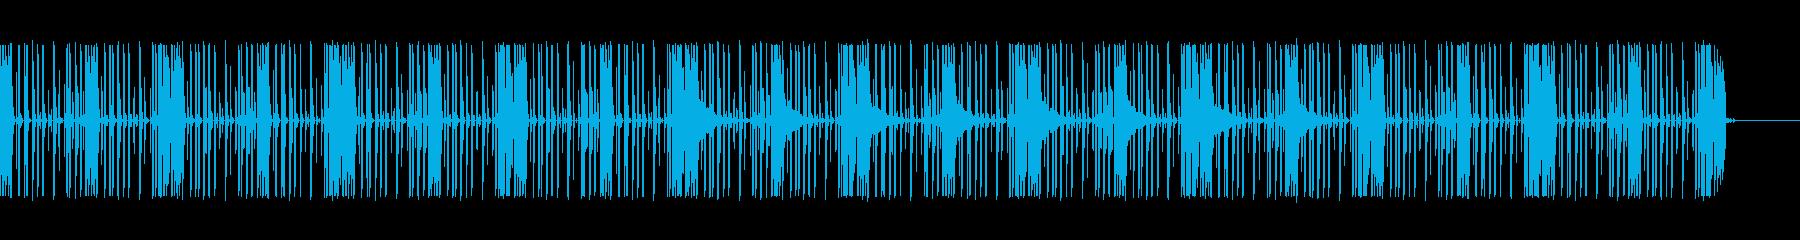 パーティー/クイズ/二次会/謎解きゲームの再生済みの波形